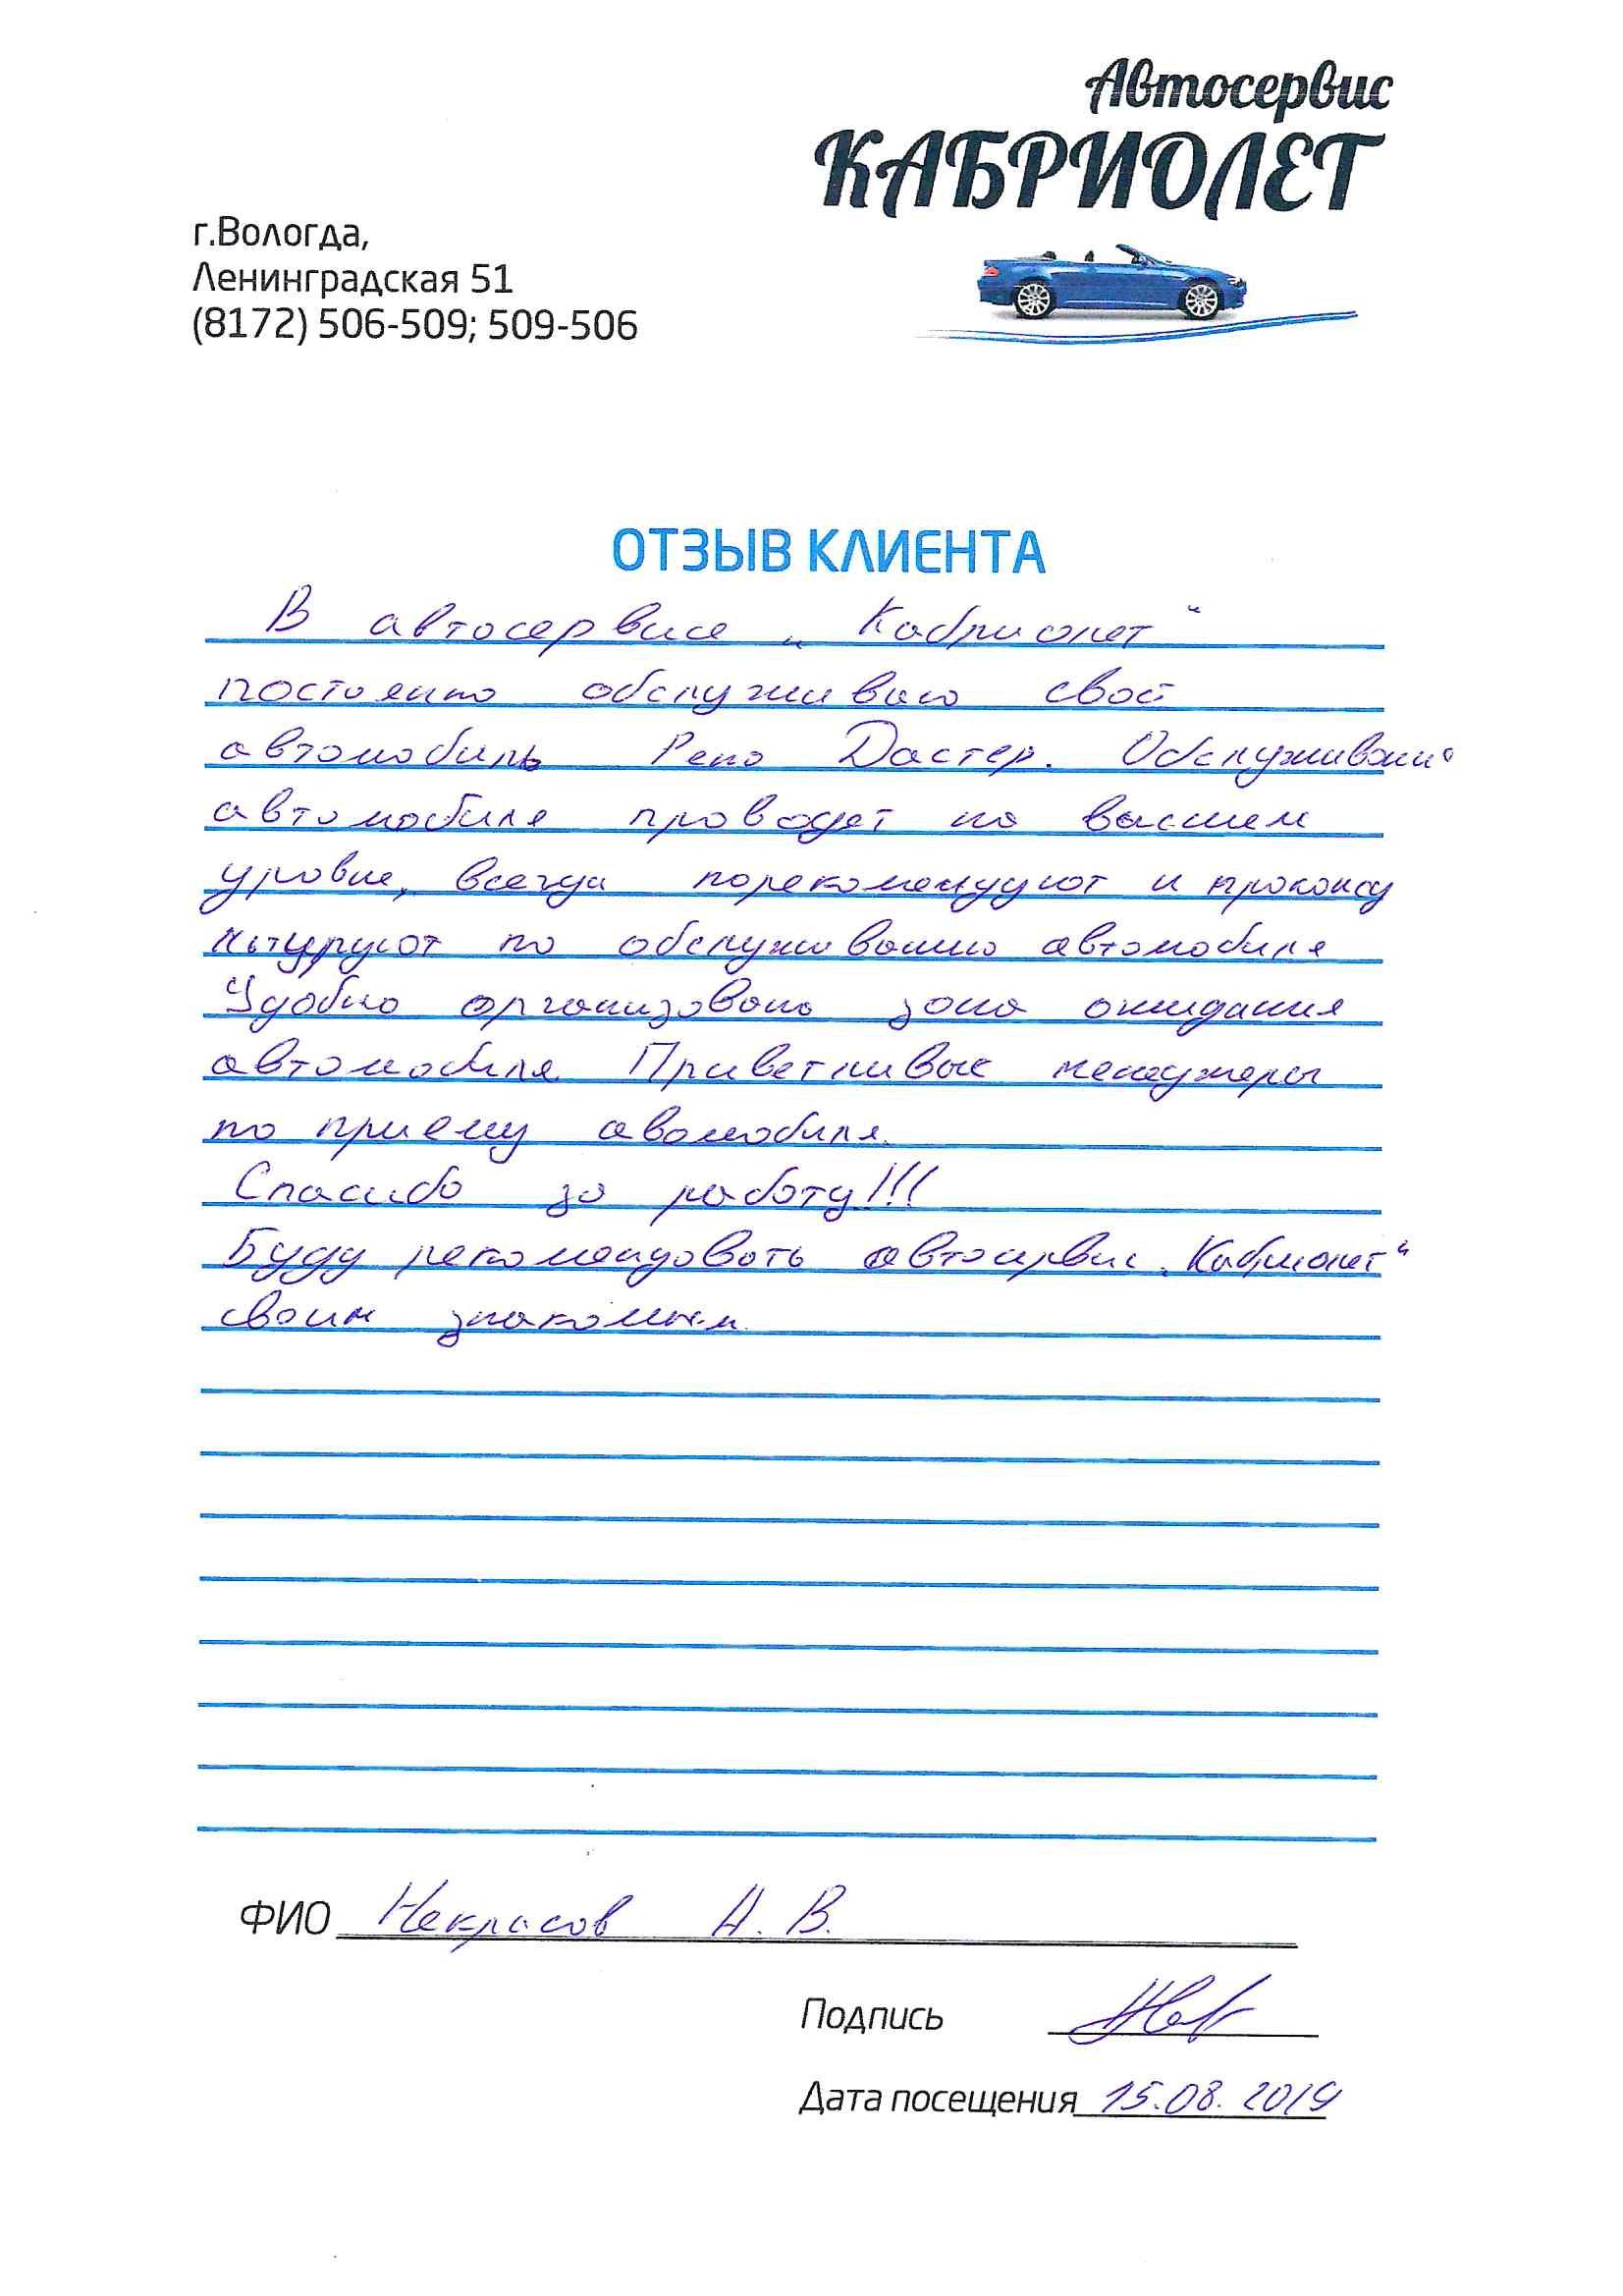 Отзыв об Автосервисе Кабриолет август 20